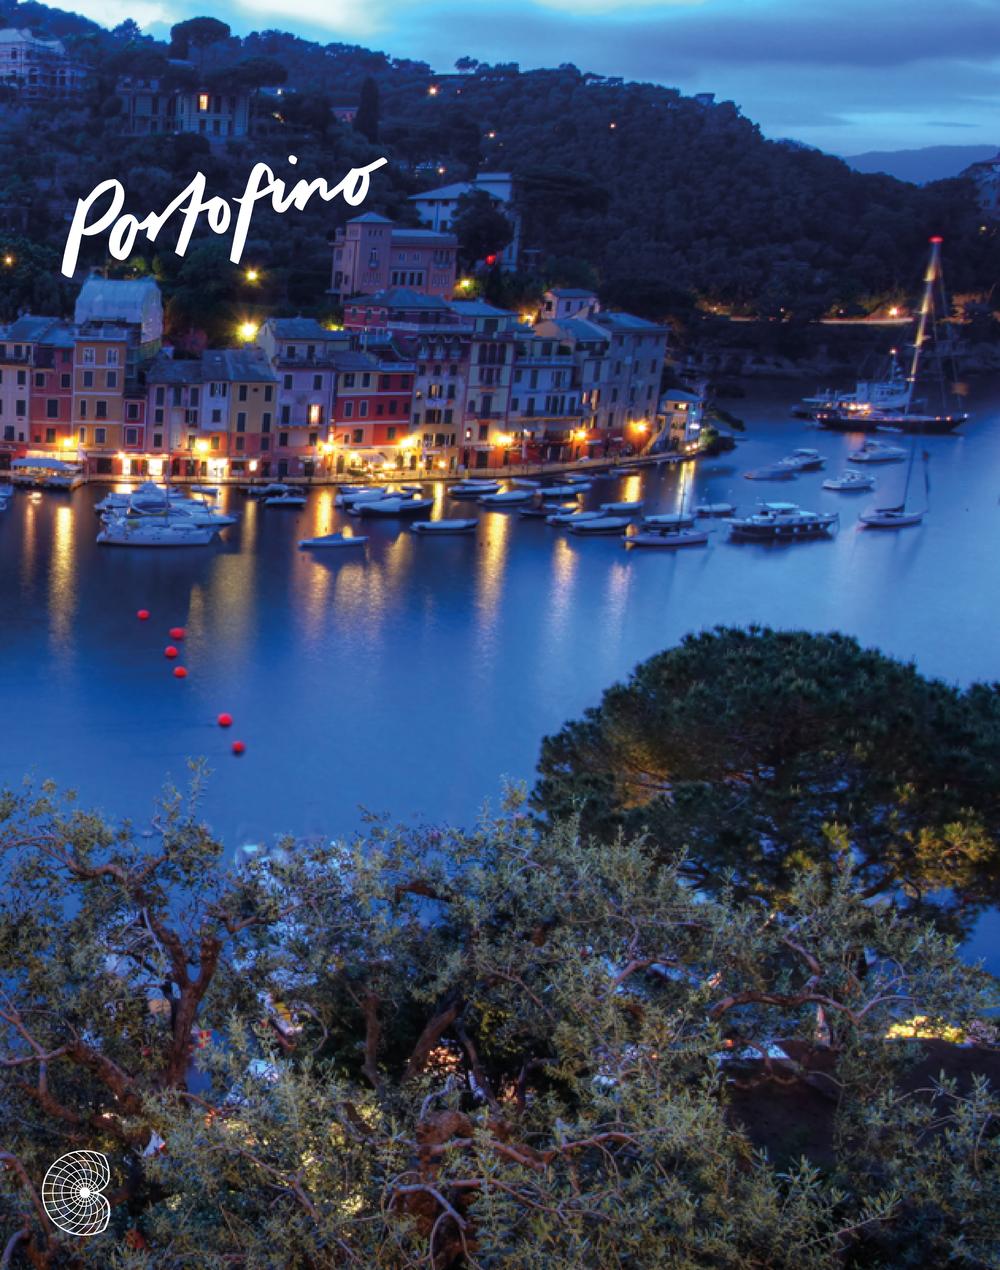 Portofino-06.png